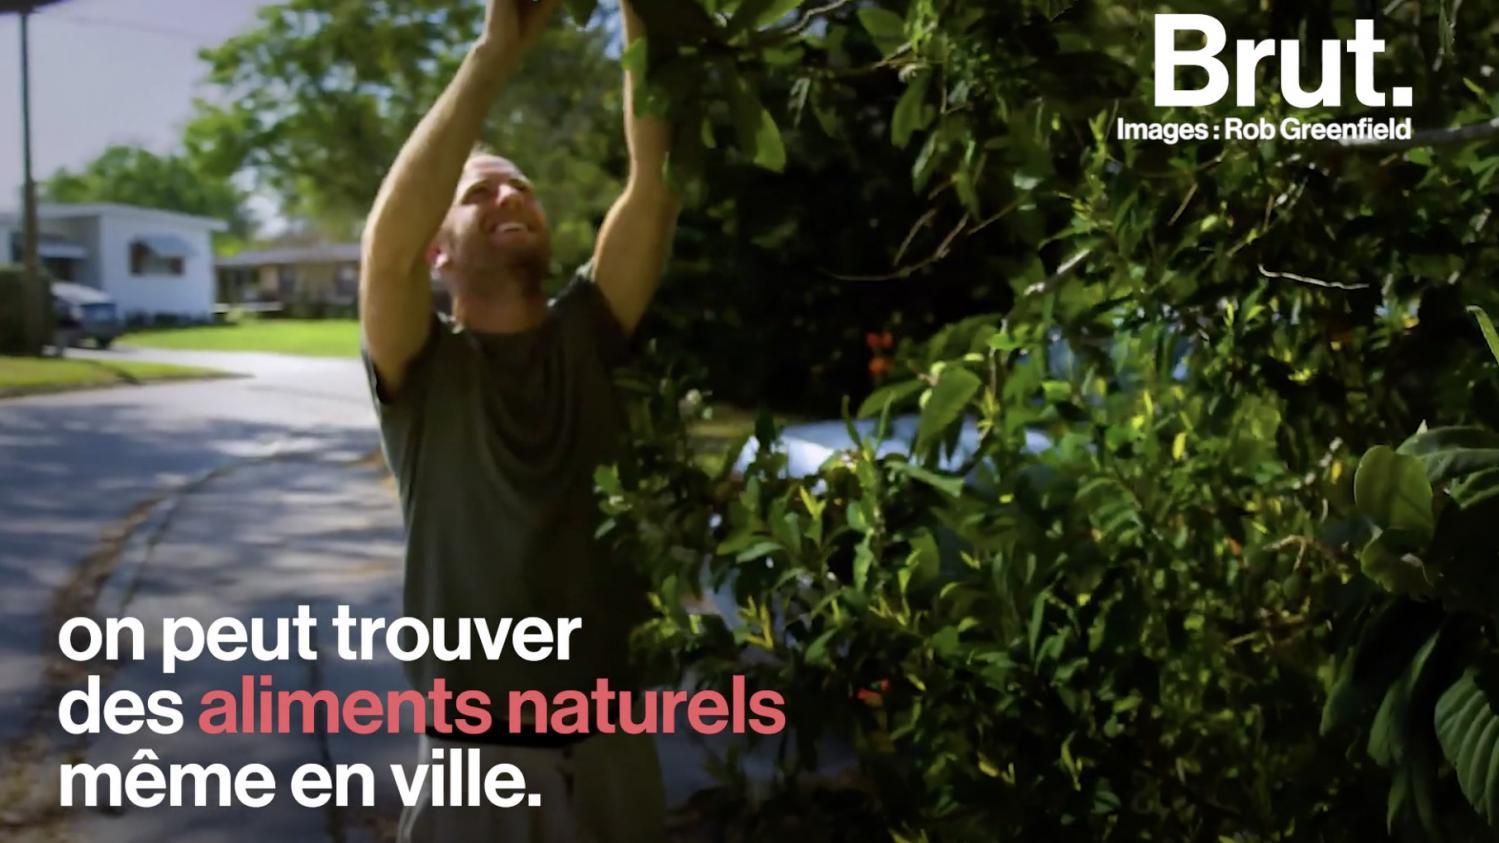 """VIDEO. """"La nature a été mon garde-manger et ma pharmacie"""" : il se nourrit uniquement de ce qu'il trouve dan... - Franceinfo"""